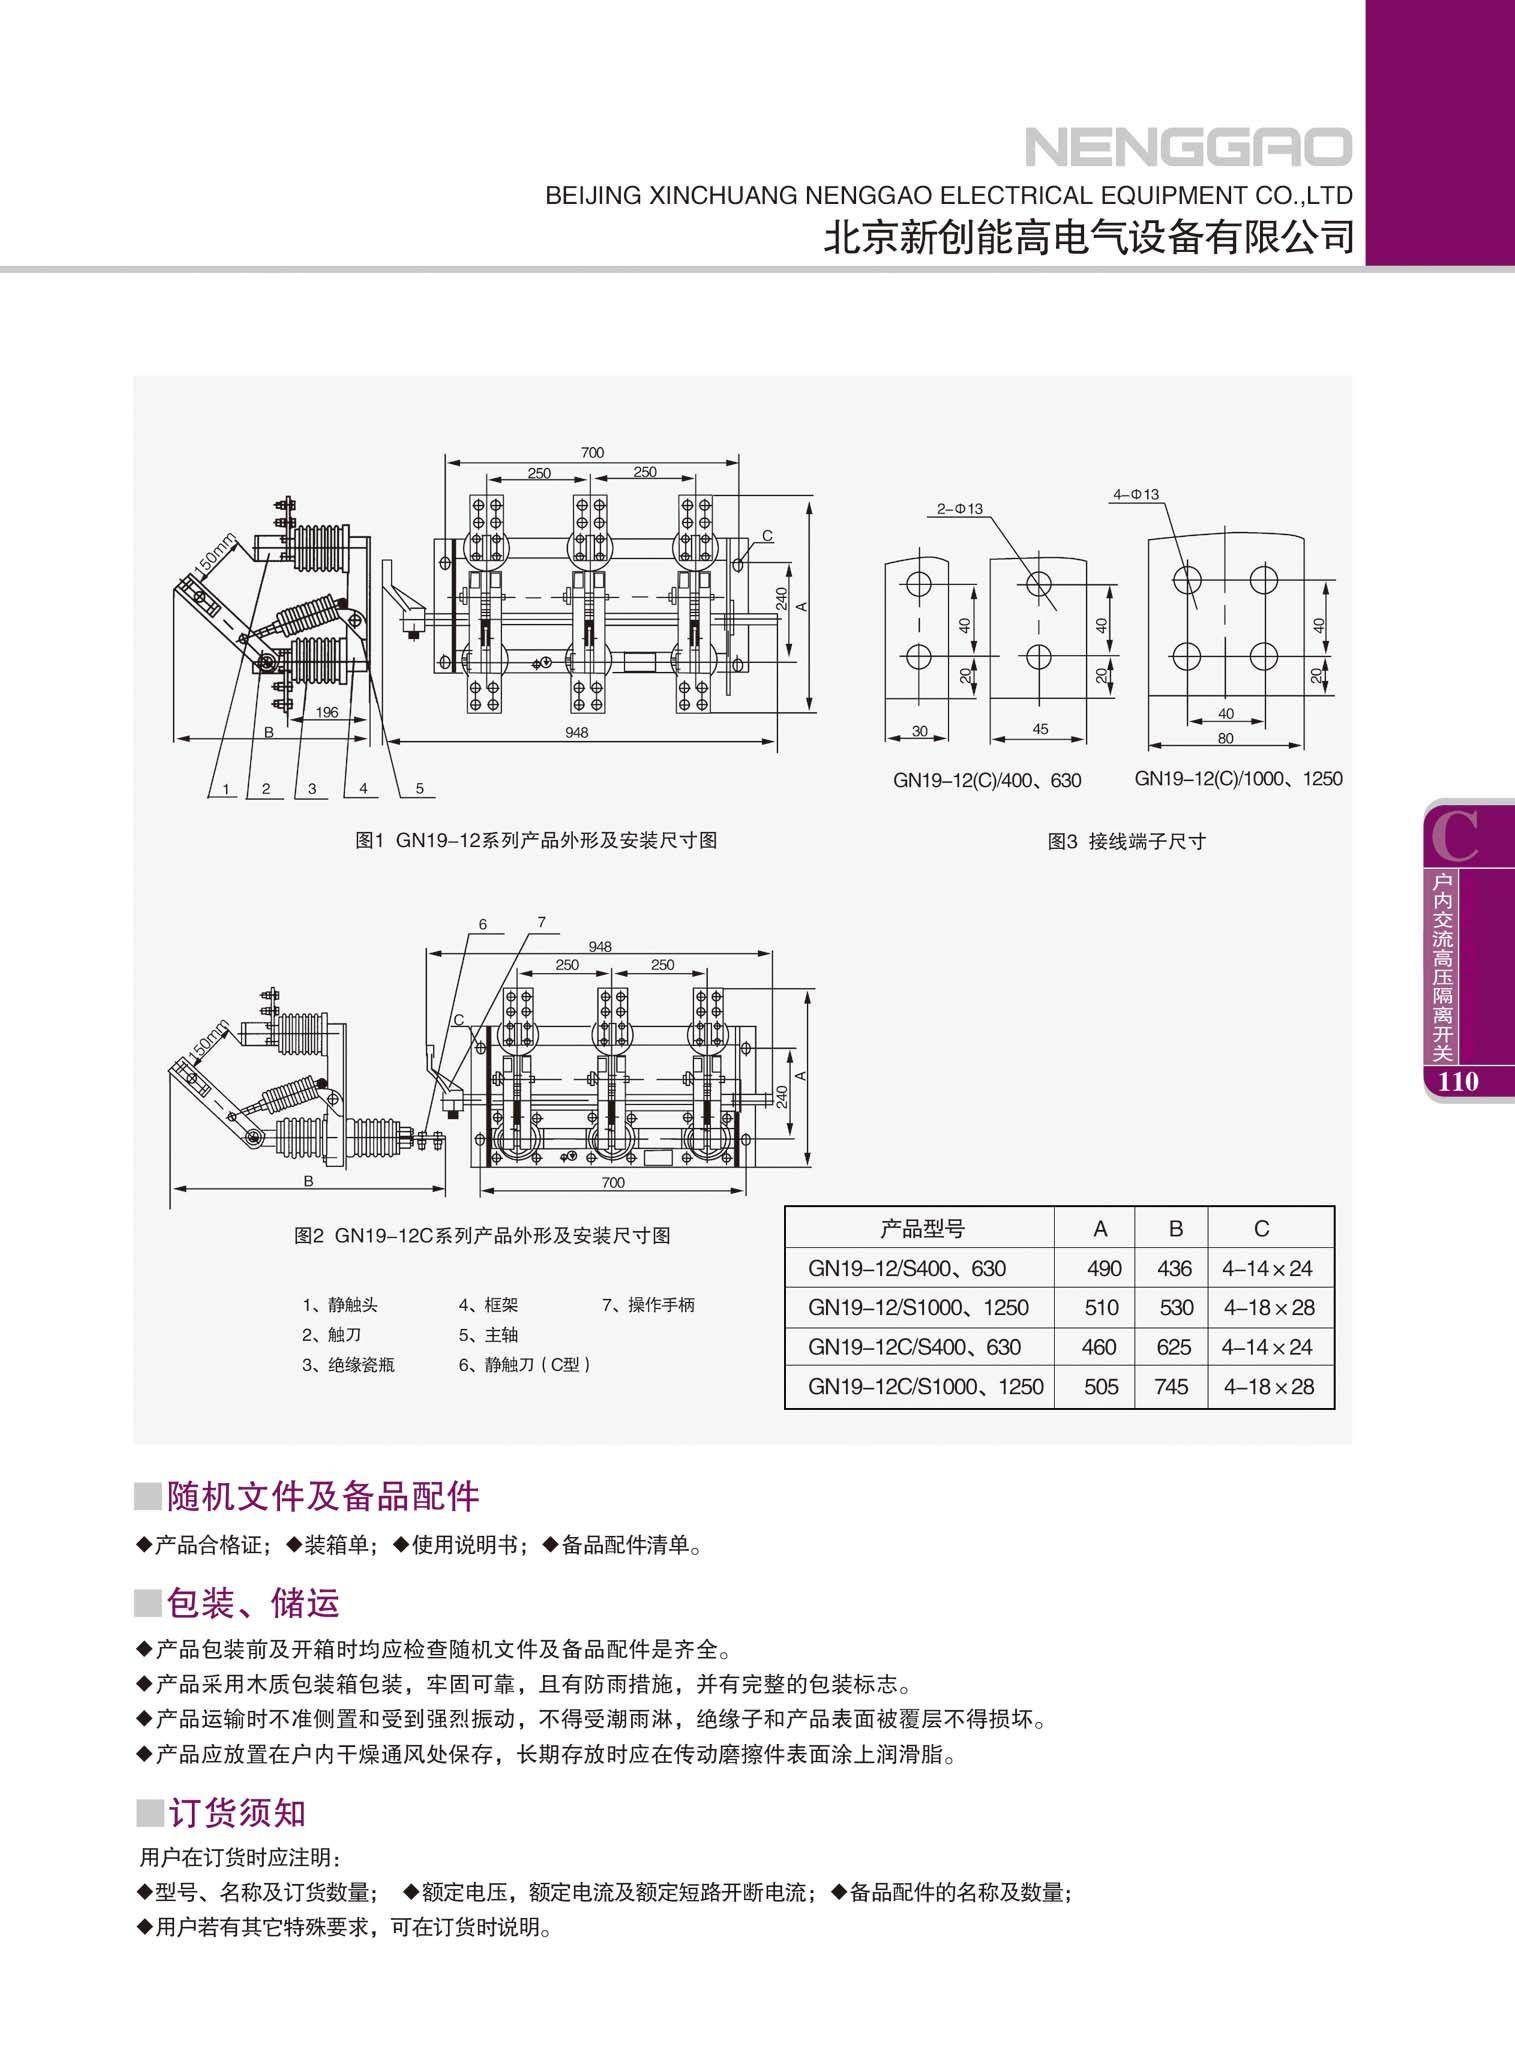 GN19-12(C)系列户内交流高压改进型隔离开关